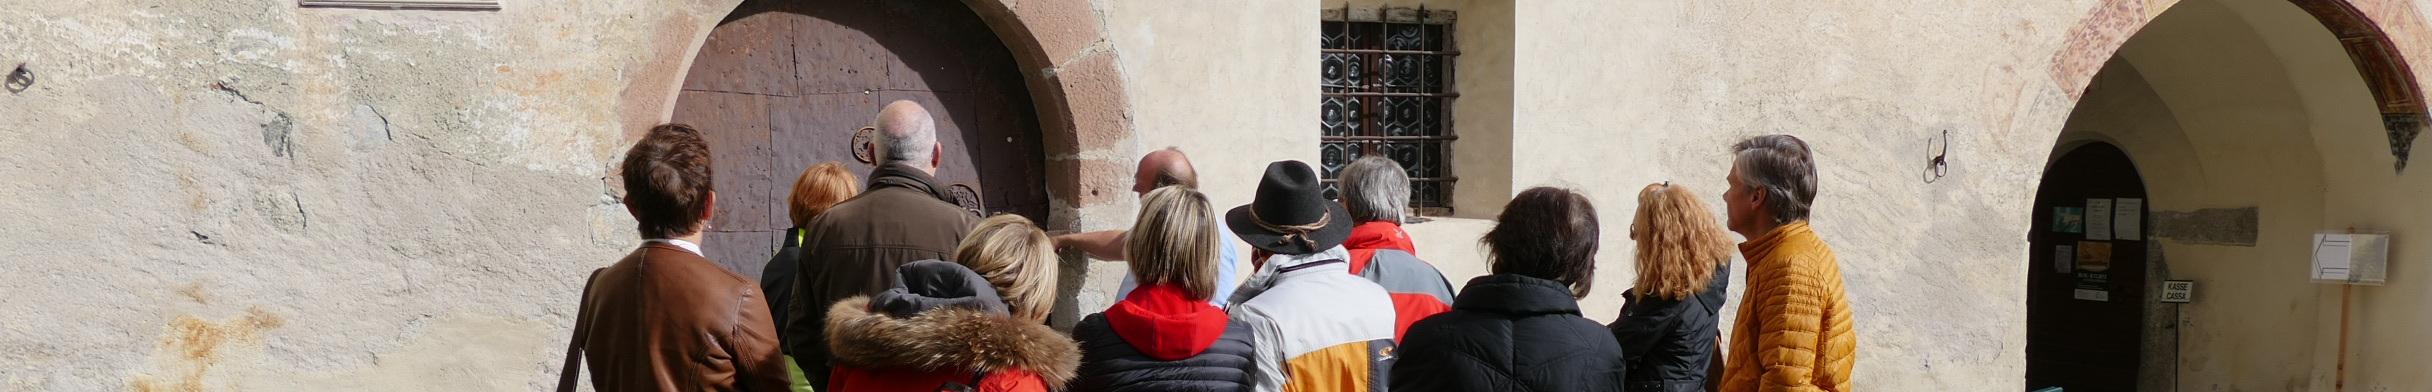 Cultuurreizen volledig op maat boekt u bij Image Groups Travel